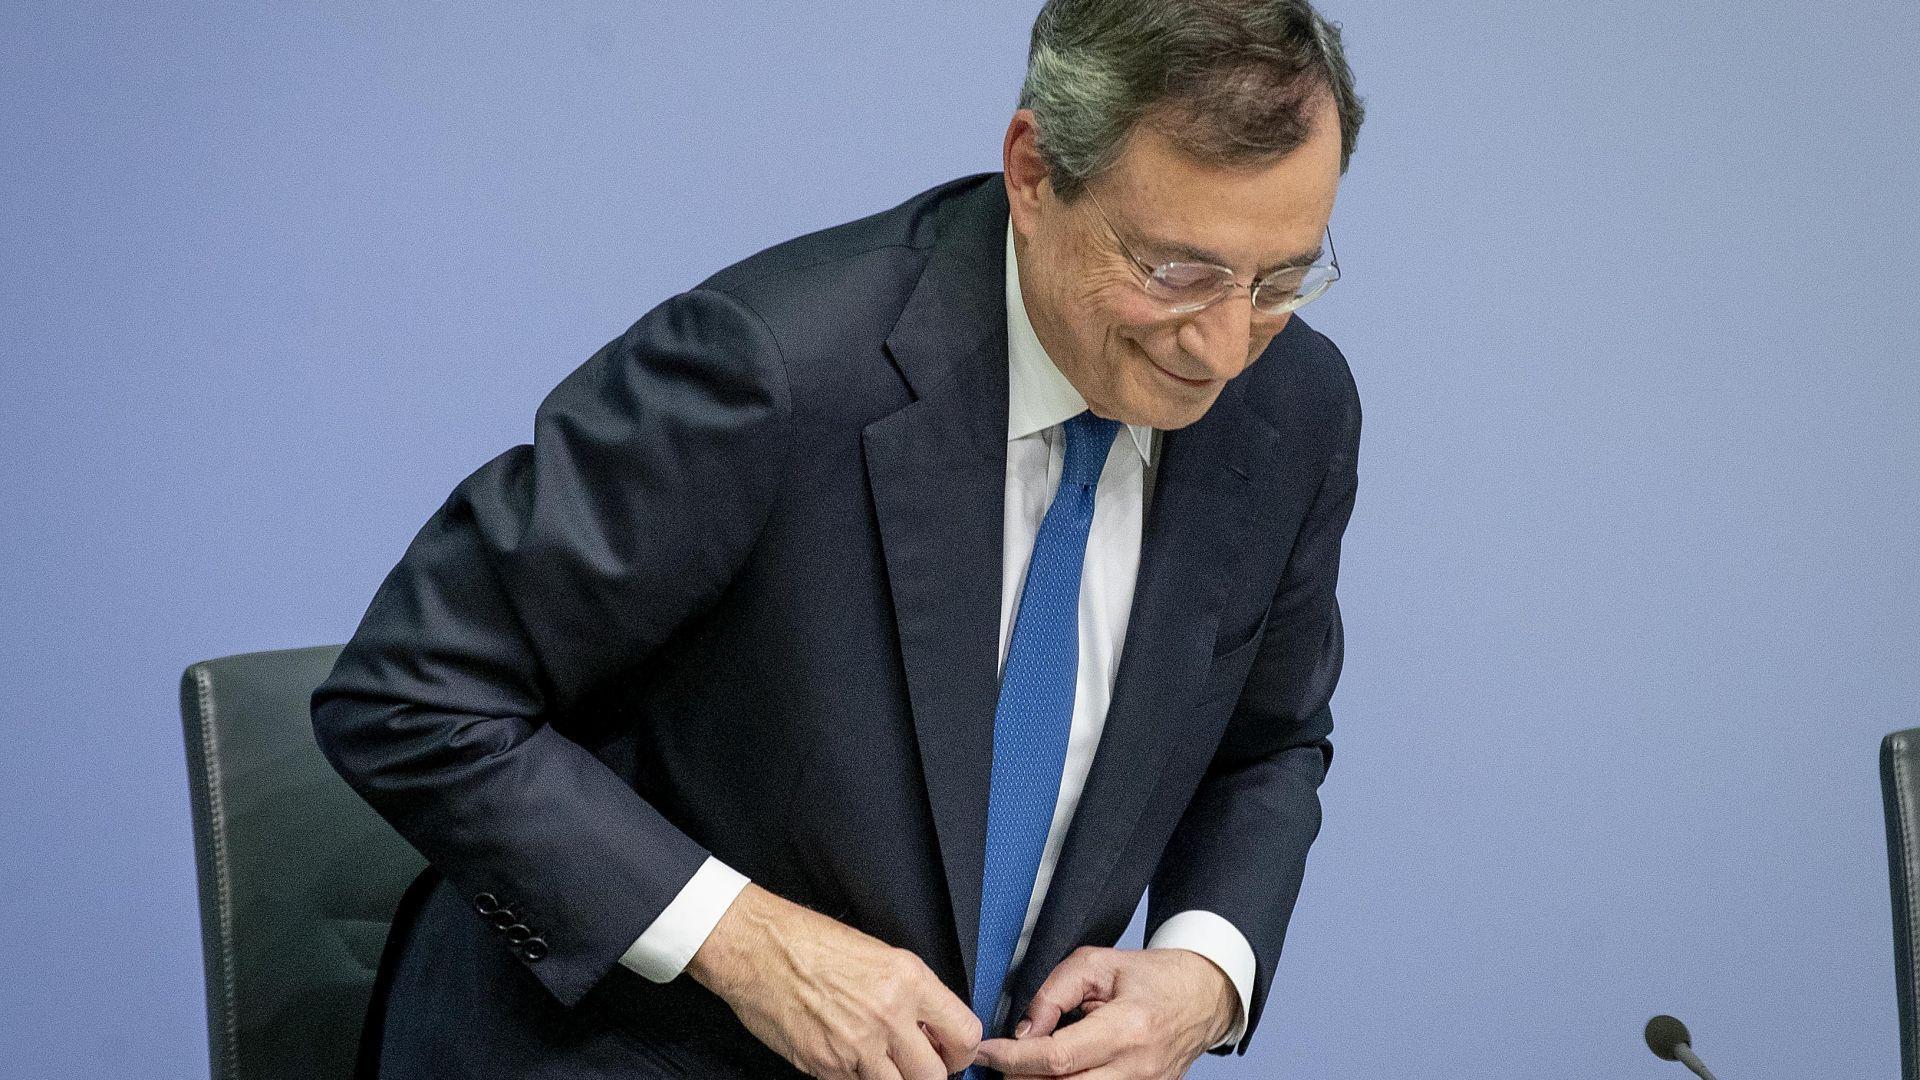 Драги призова за повече държавни разходи в Еврозоната